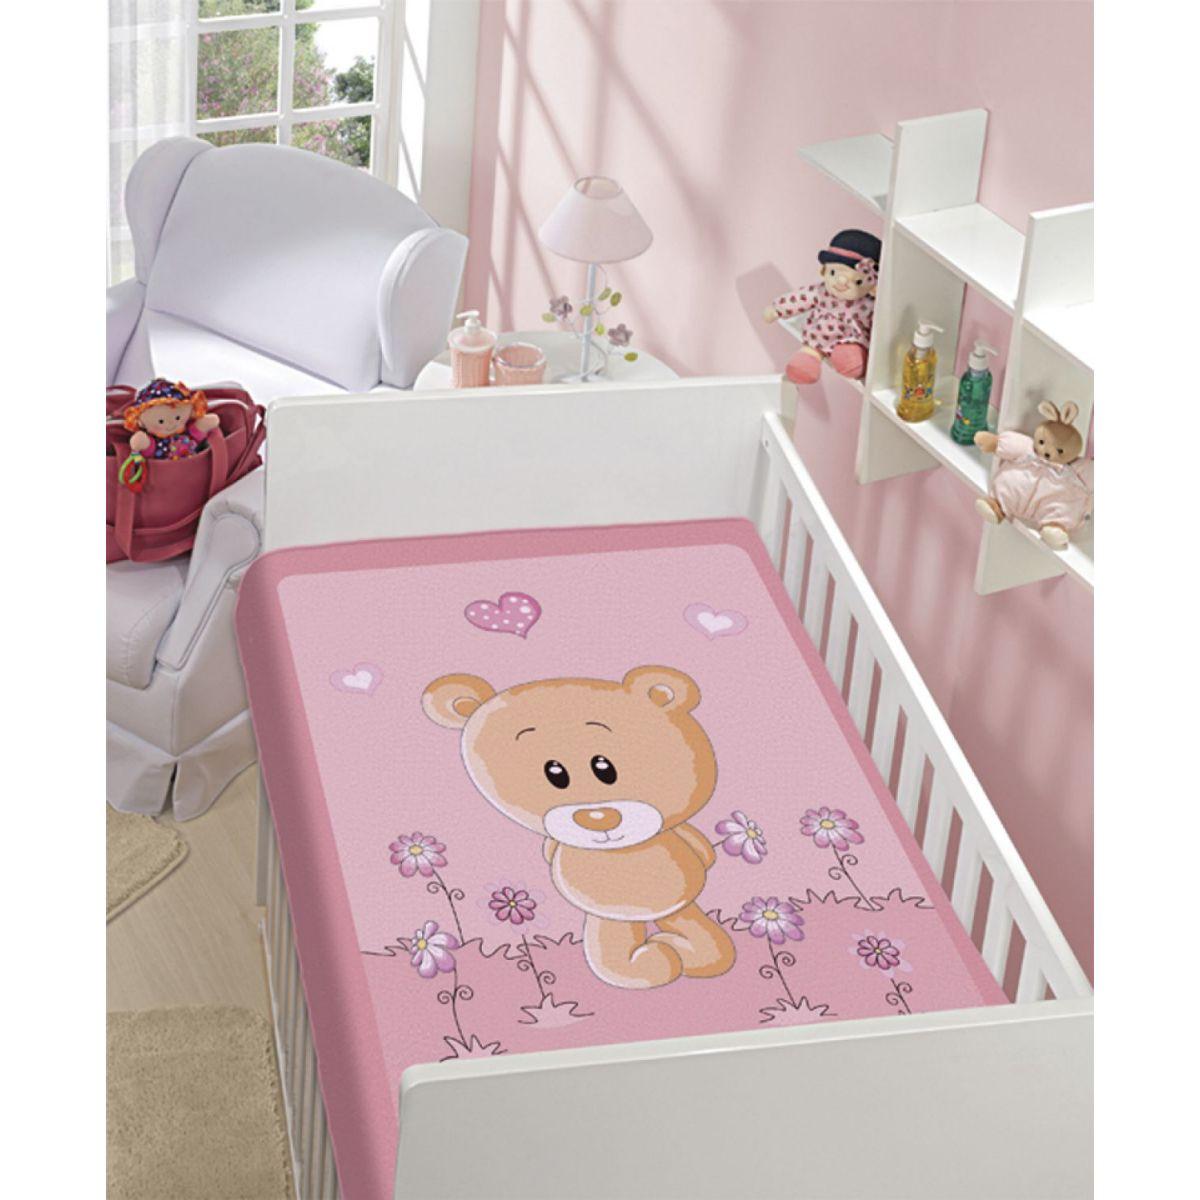 Cobertor Infantil Tradicional Urso nas Flores / Não Alérgico /  Jolitex Ternille